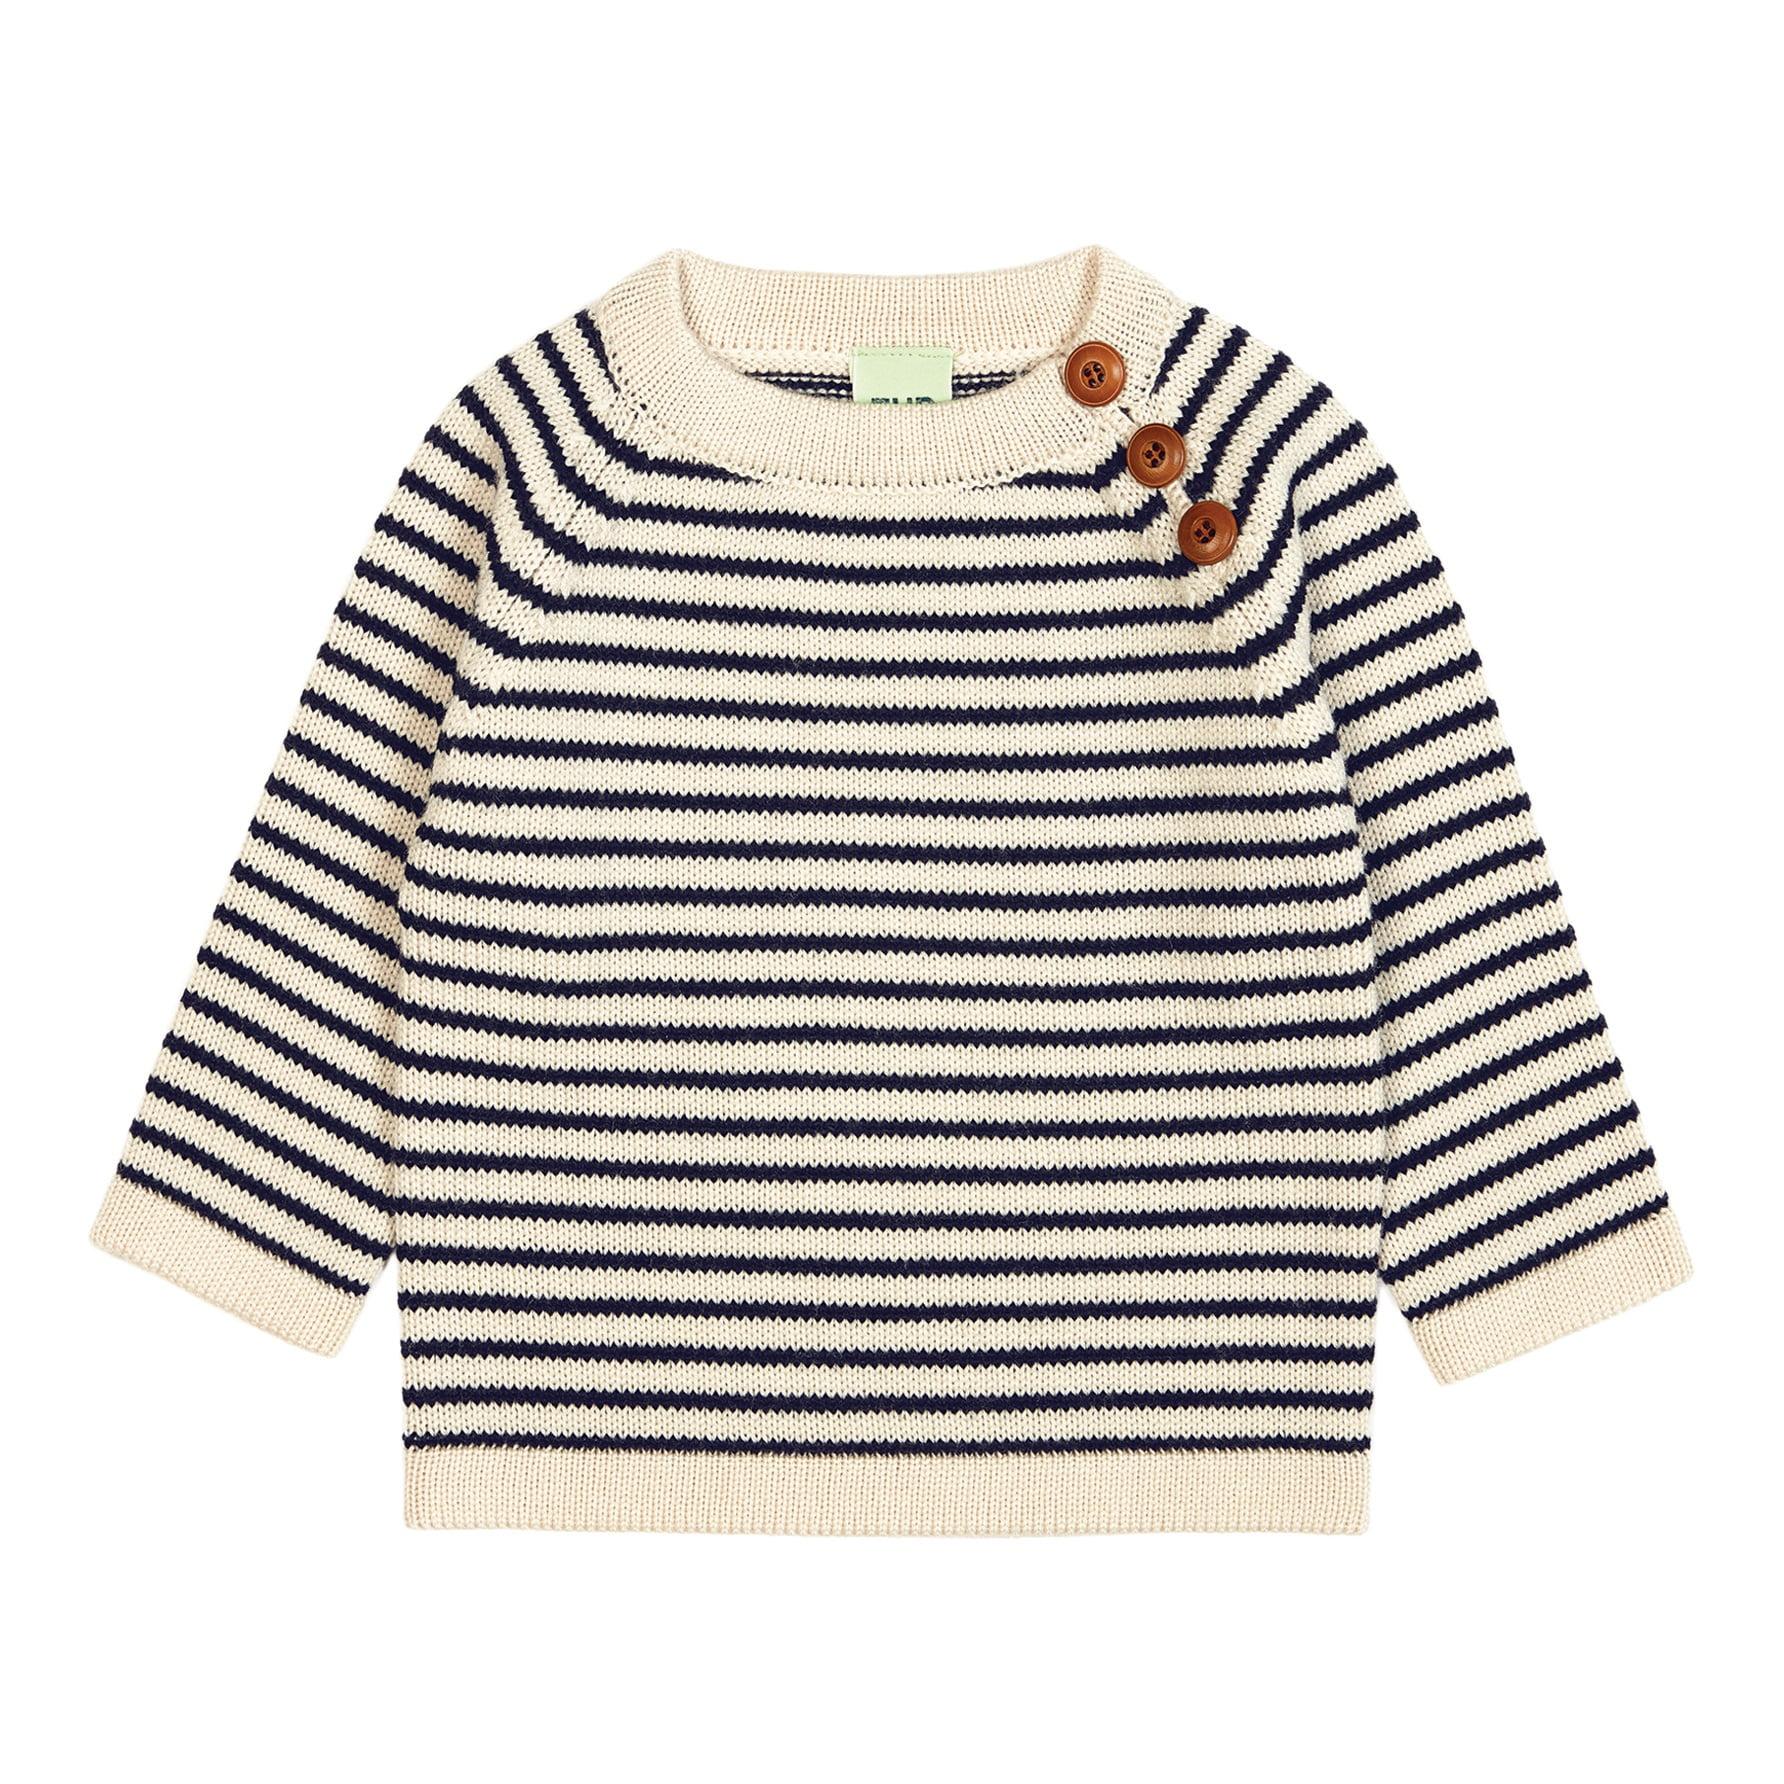 cb308c369 FUB – Merino Wool Baby Sweater – Ecru Navy